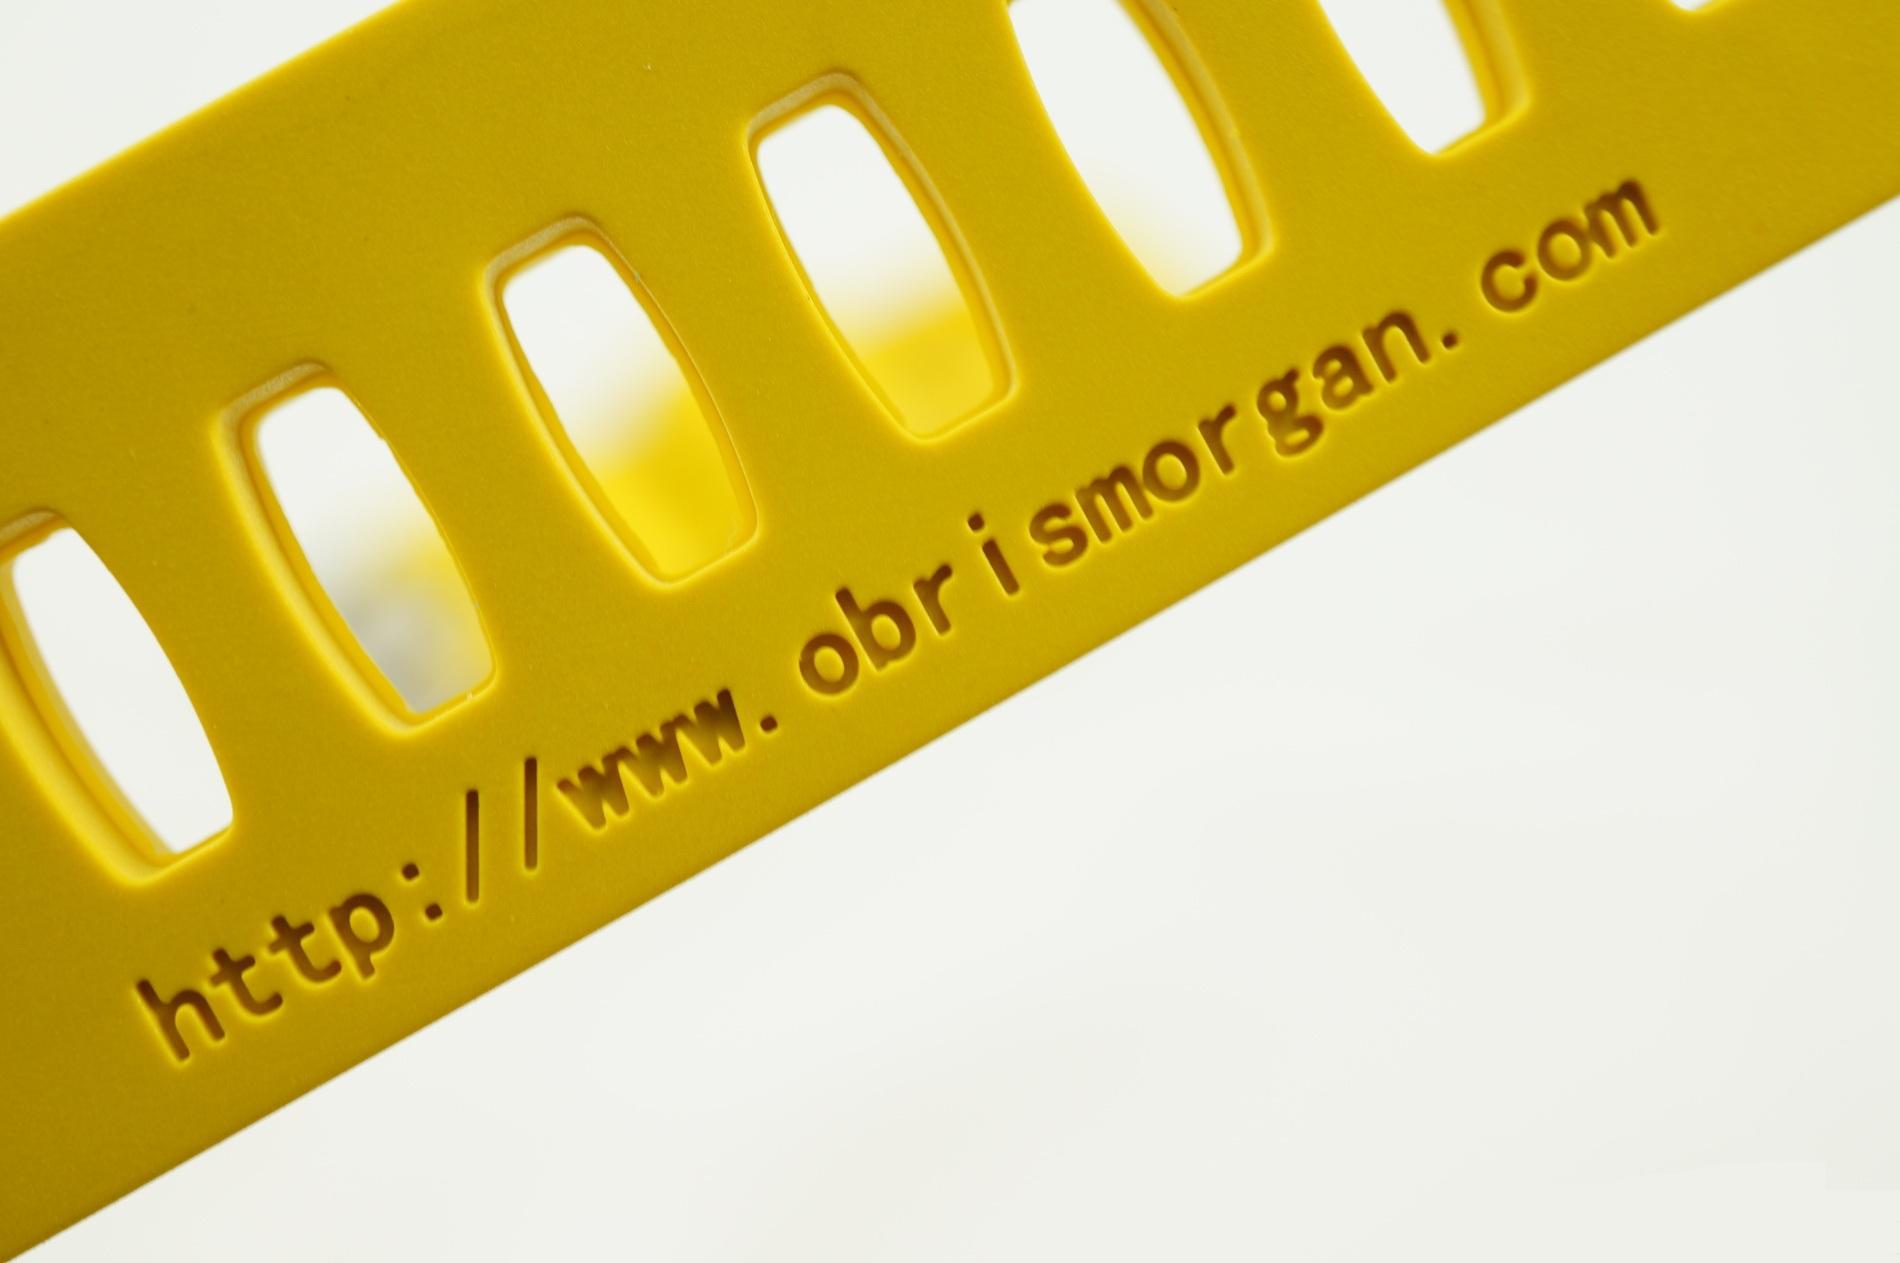 Kliknite za sliku za veću verziju  Ime:3.jpg Viđeno:1074 Veličina:309,6 KB ID:107410